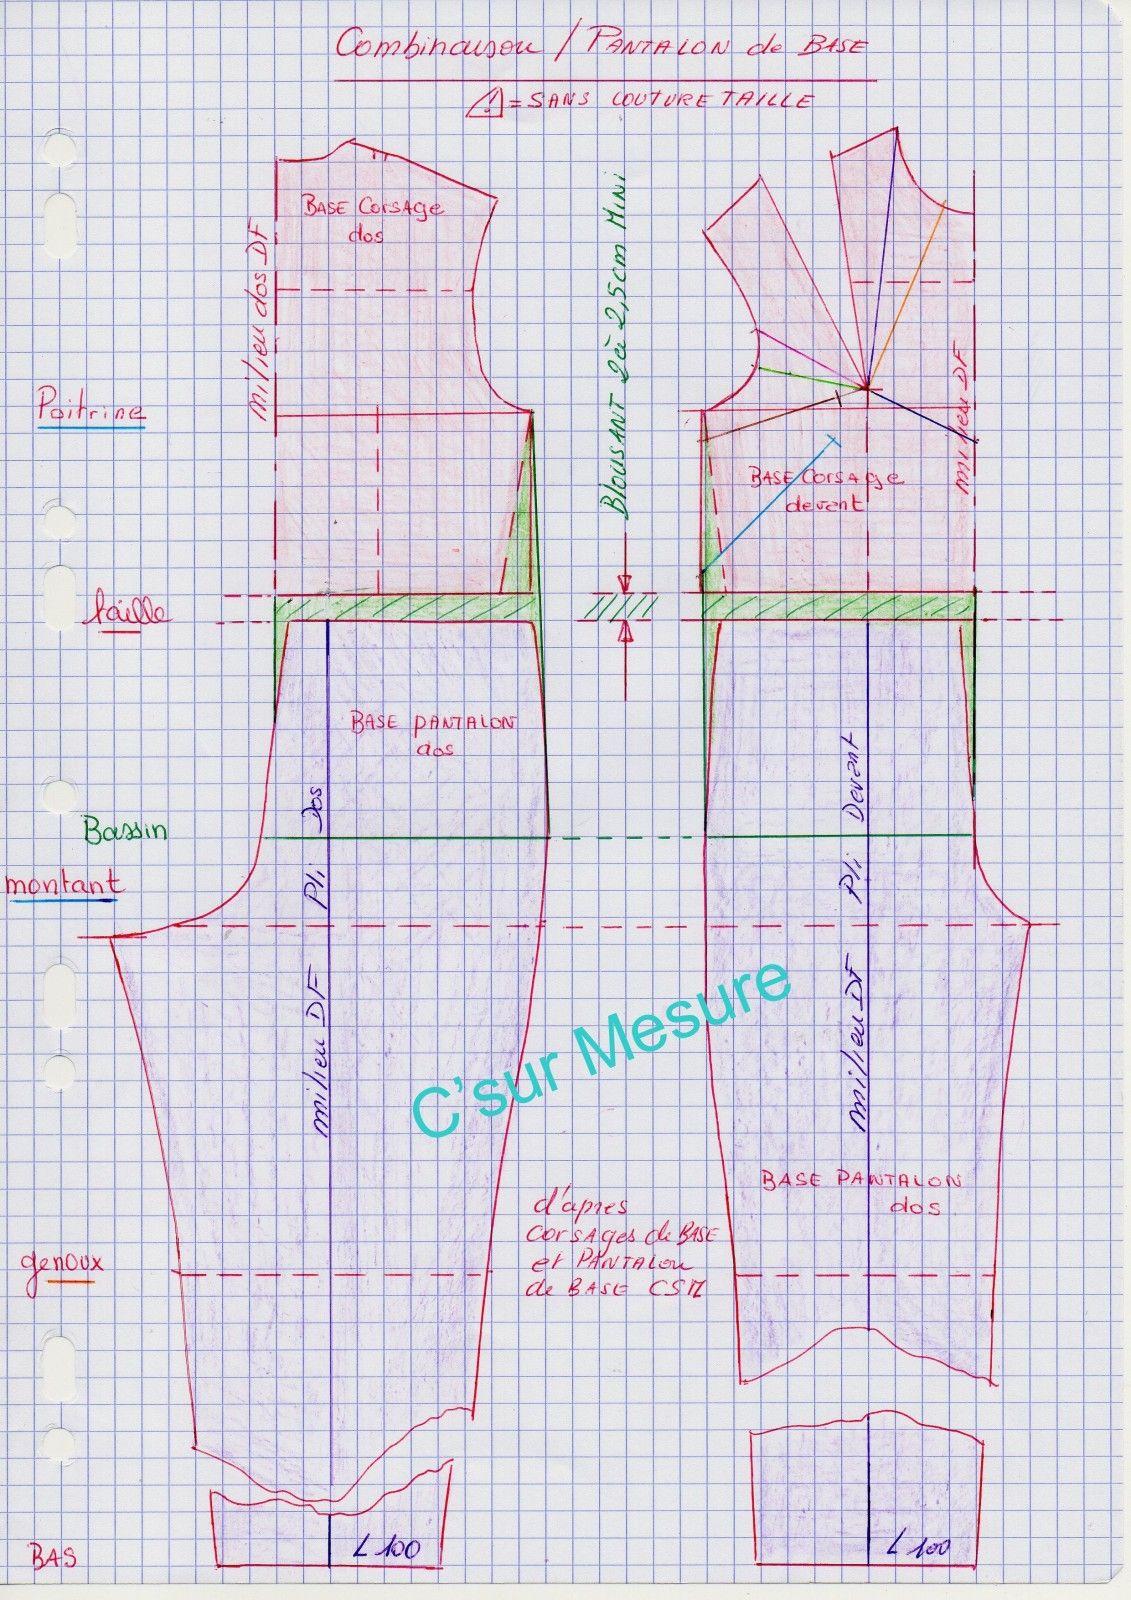 patron de base combi | Talleres de costura y confección | Sewing ...